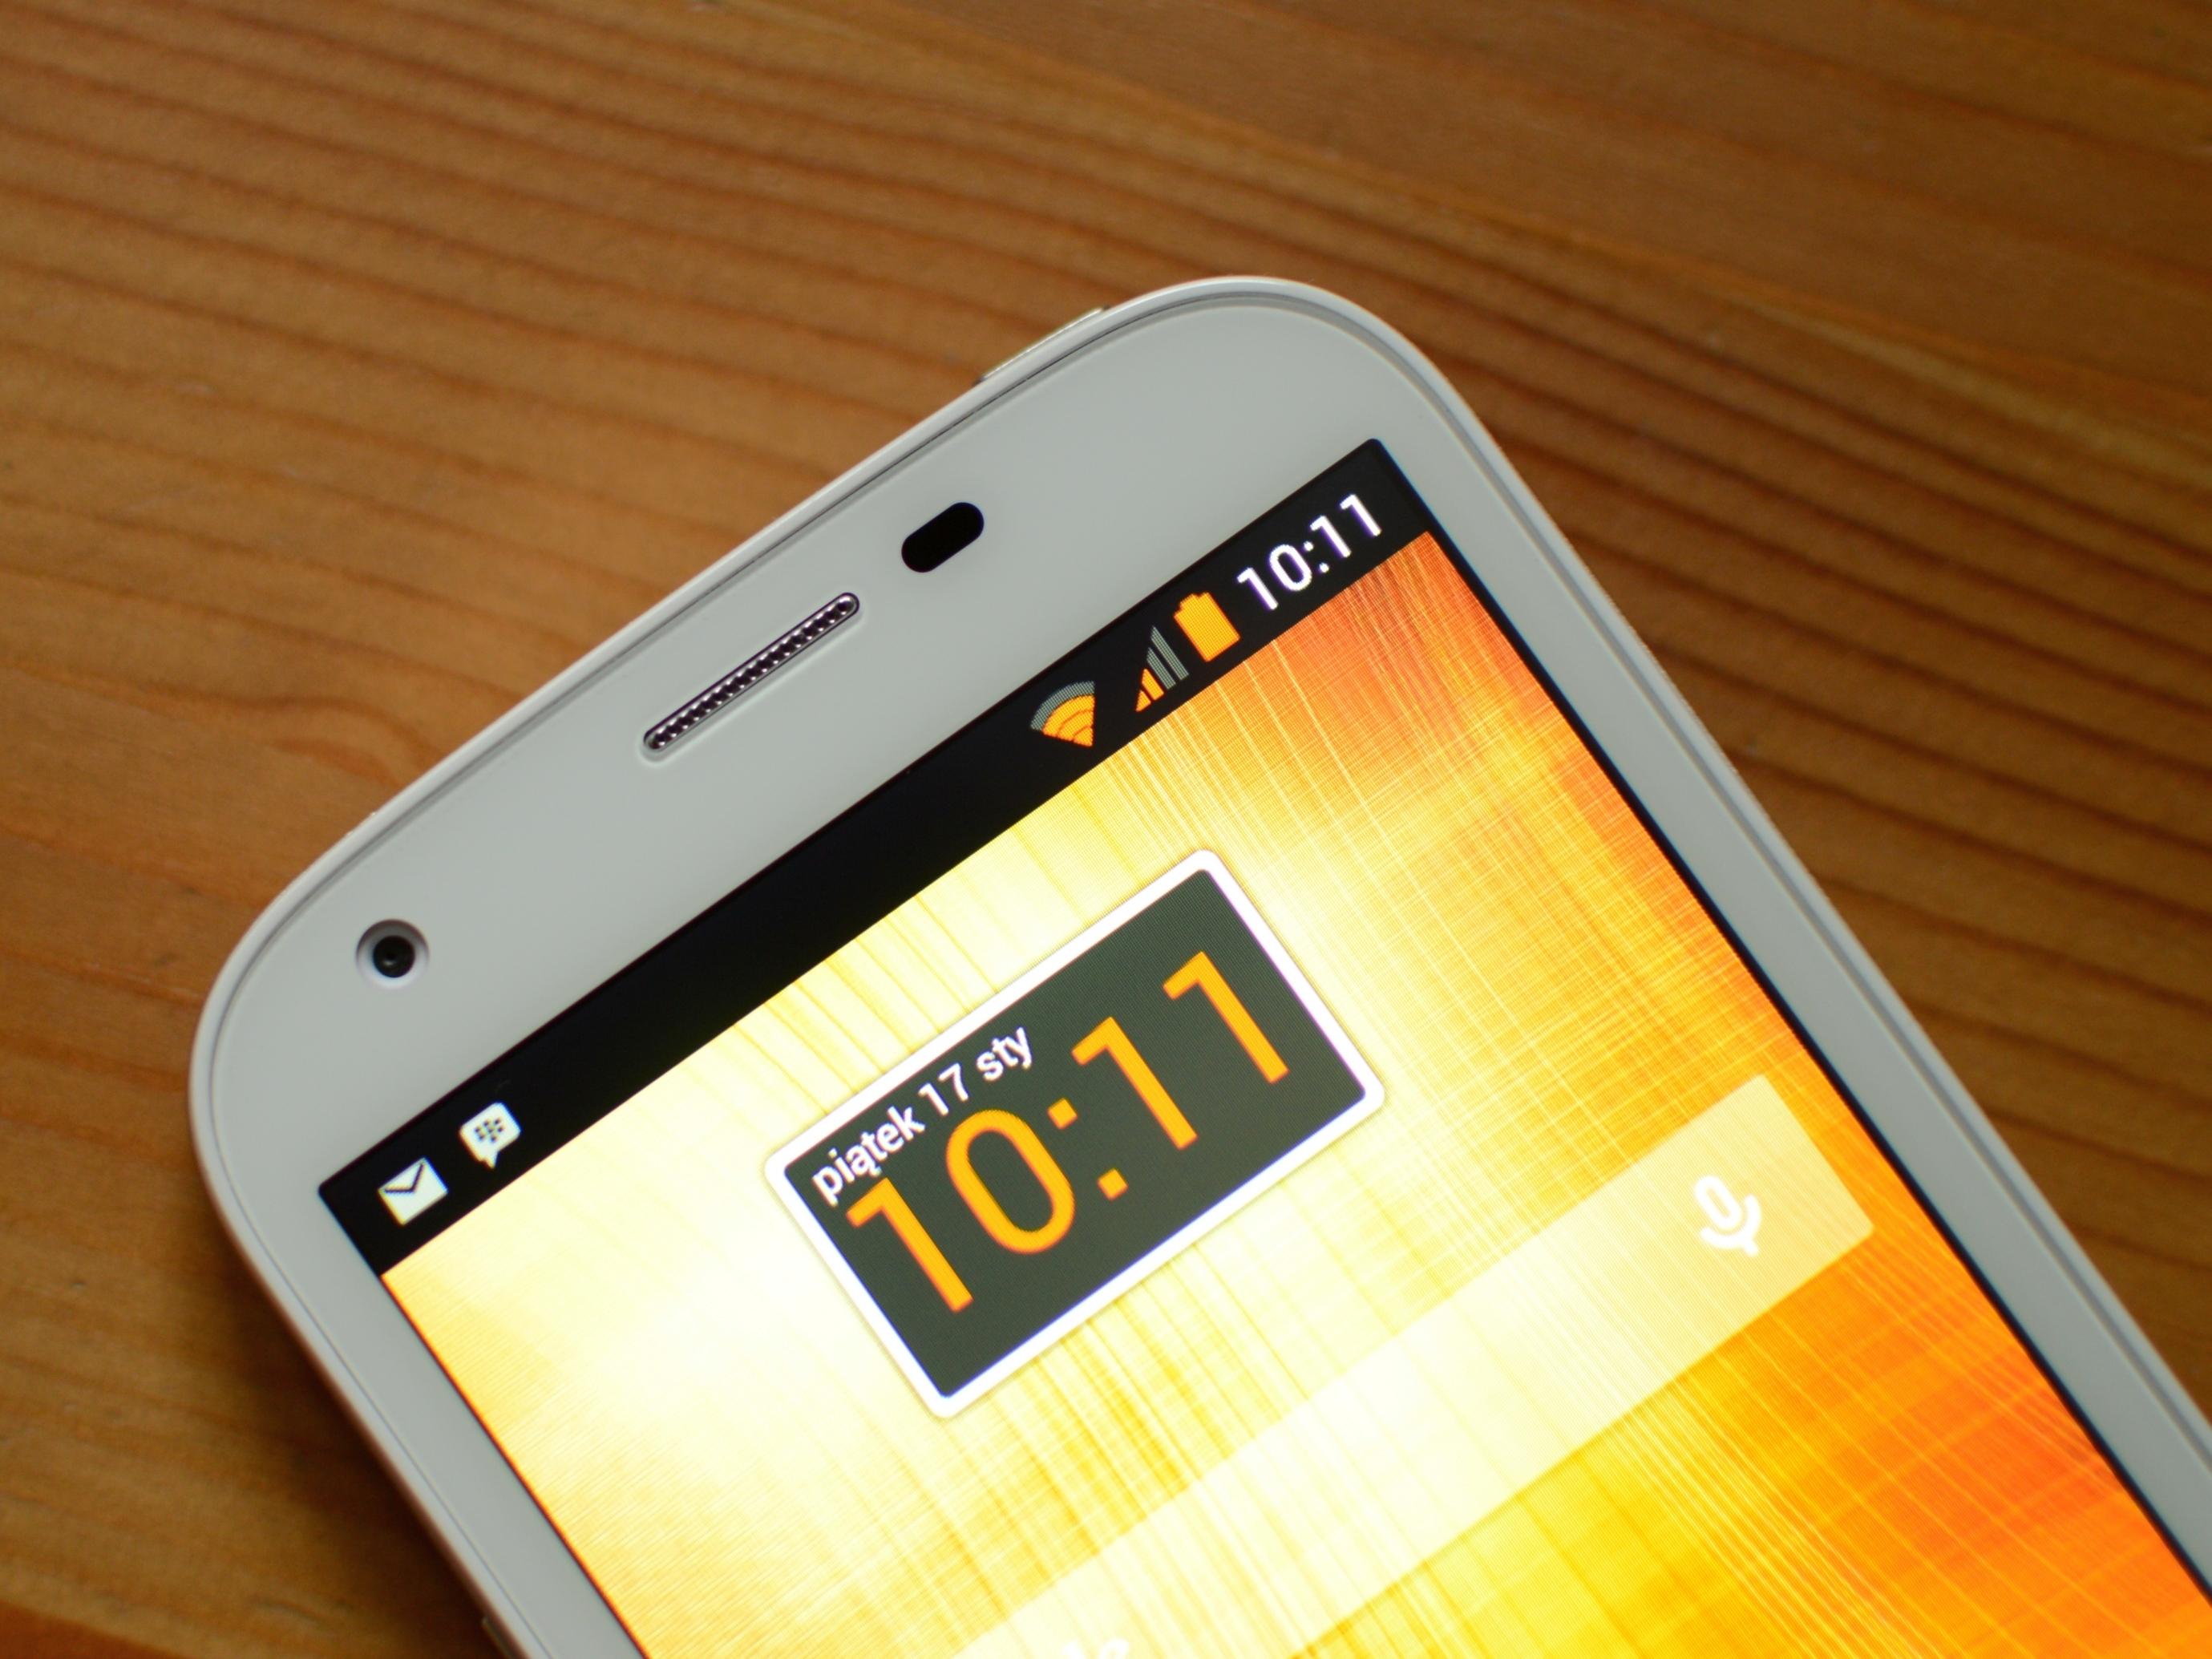 Kilka kart SIM i wspólny pakiet internetowy? Orange już dojrzał do tego rozwiązania